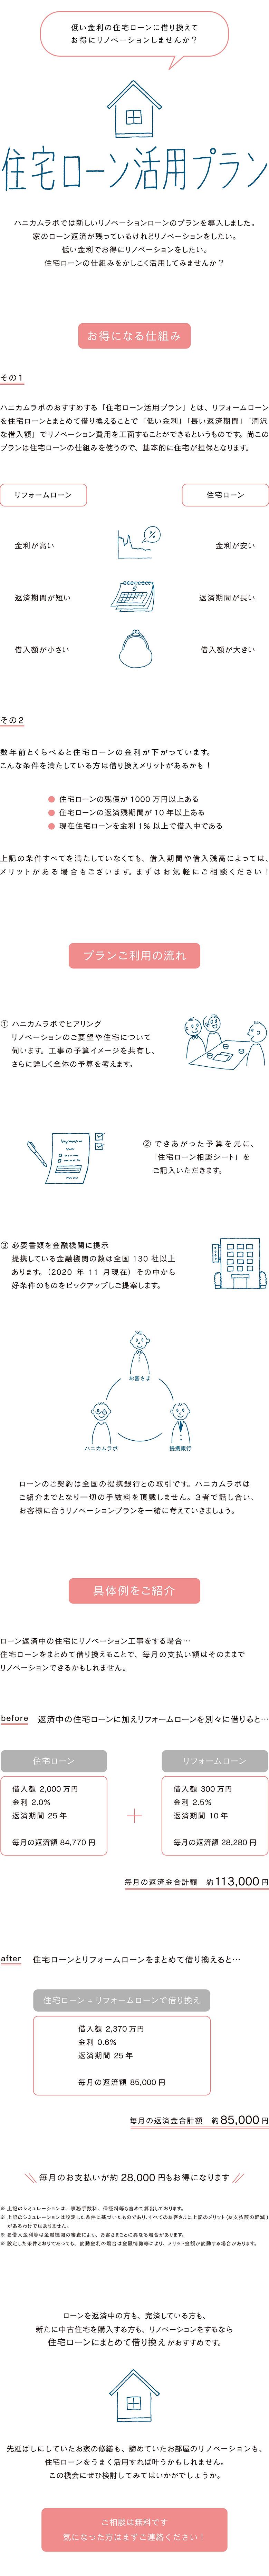 住宅ローン活用プラン(中画質+).jpg